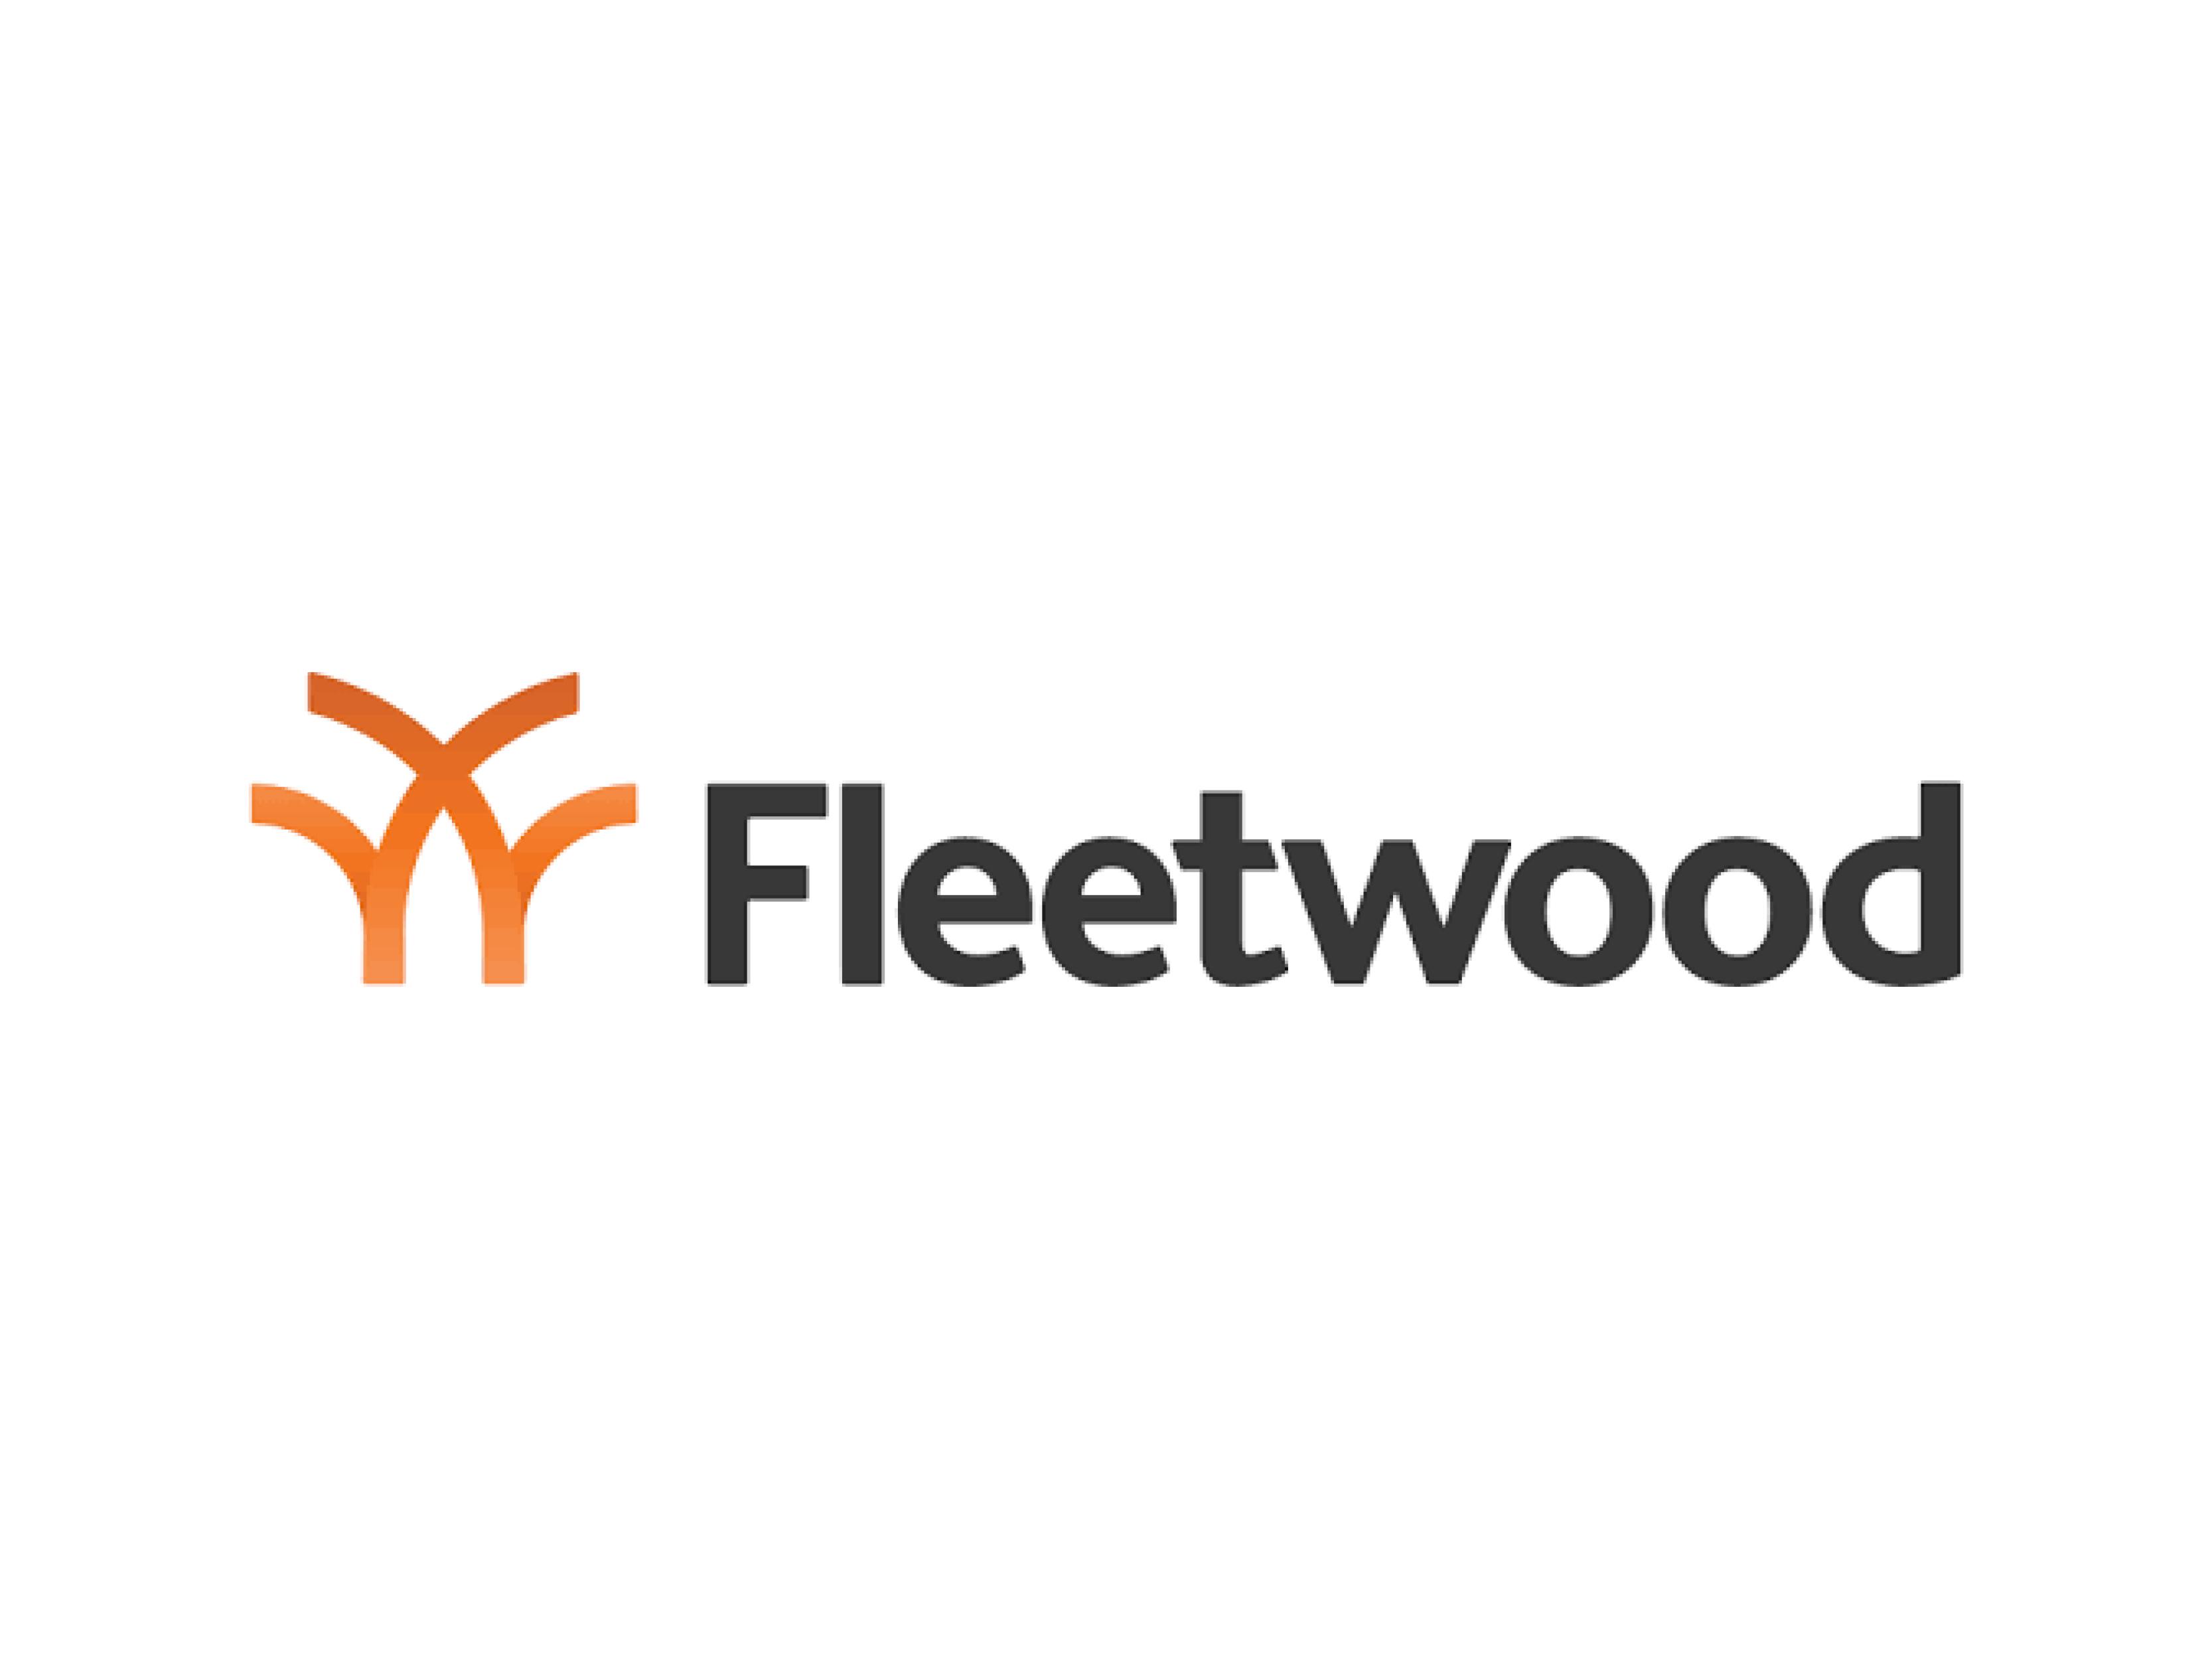 Fleetwood Urban